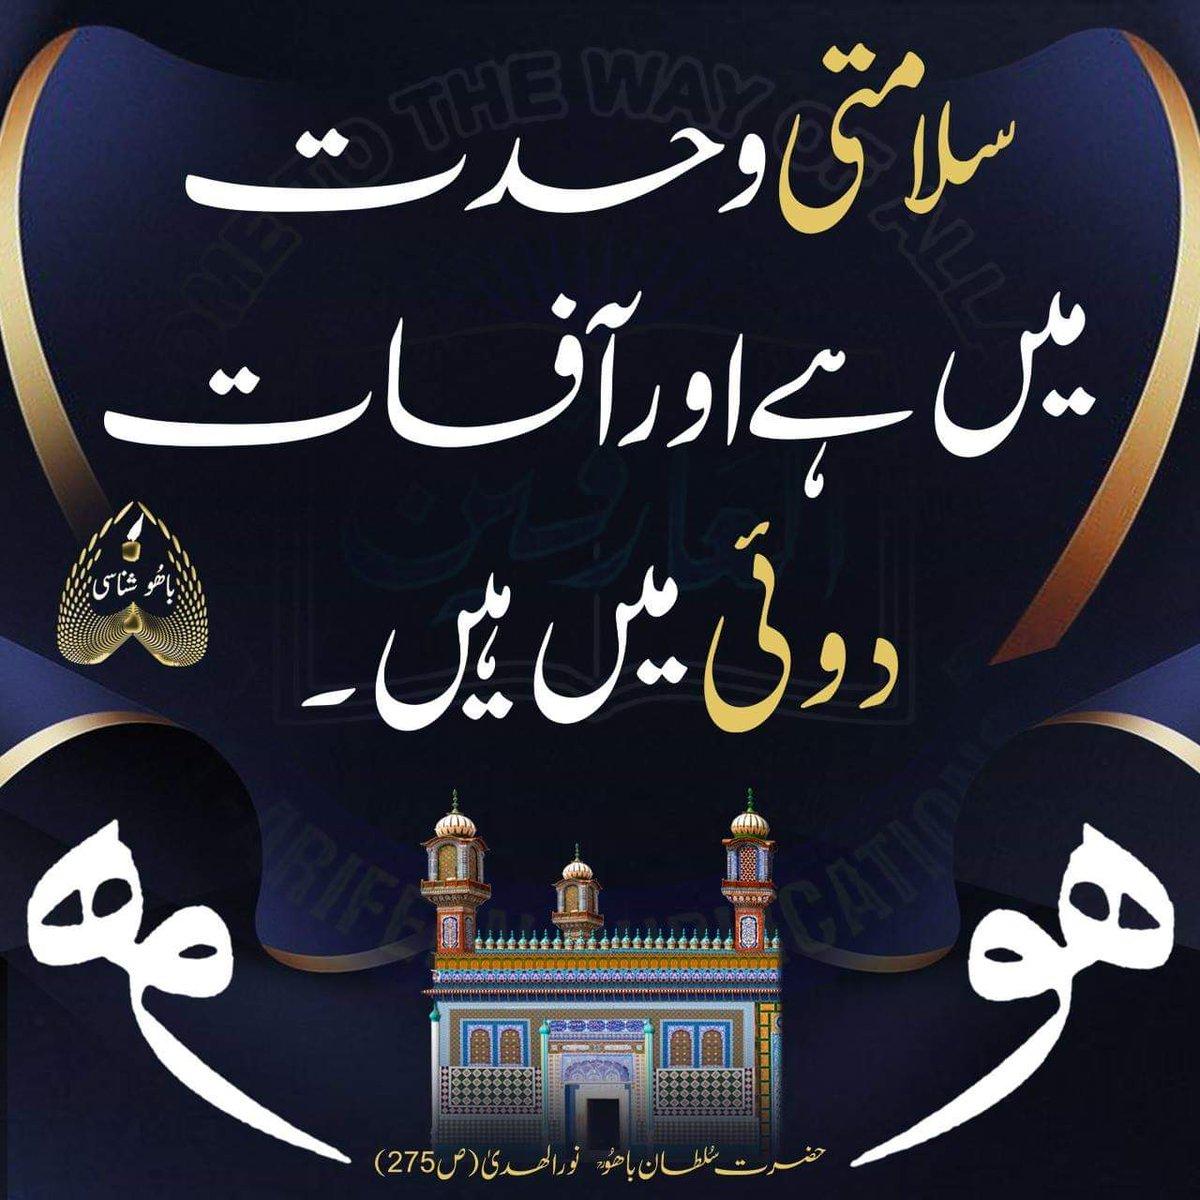 سلامتی وحدت میں ہے اور آفات دوئی میں ہیں۔  حضرت سلطان باھو رحمتہ اللہ تعالیٰ علیہ  نور الہدیٰ ( 275) http://www.alfaqr.net http://www.sultanbahoo.net #SayingsOfSultanBahoo